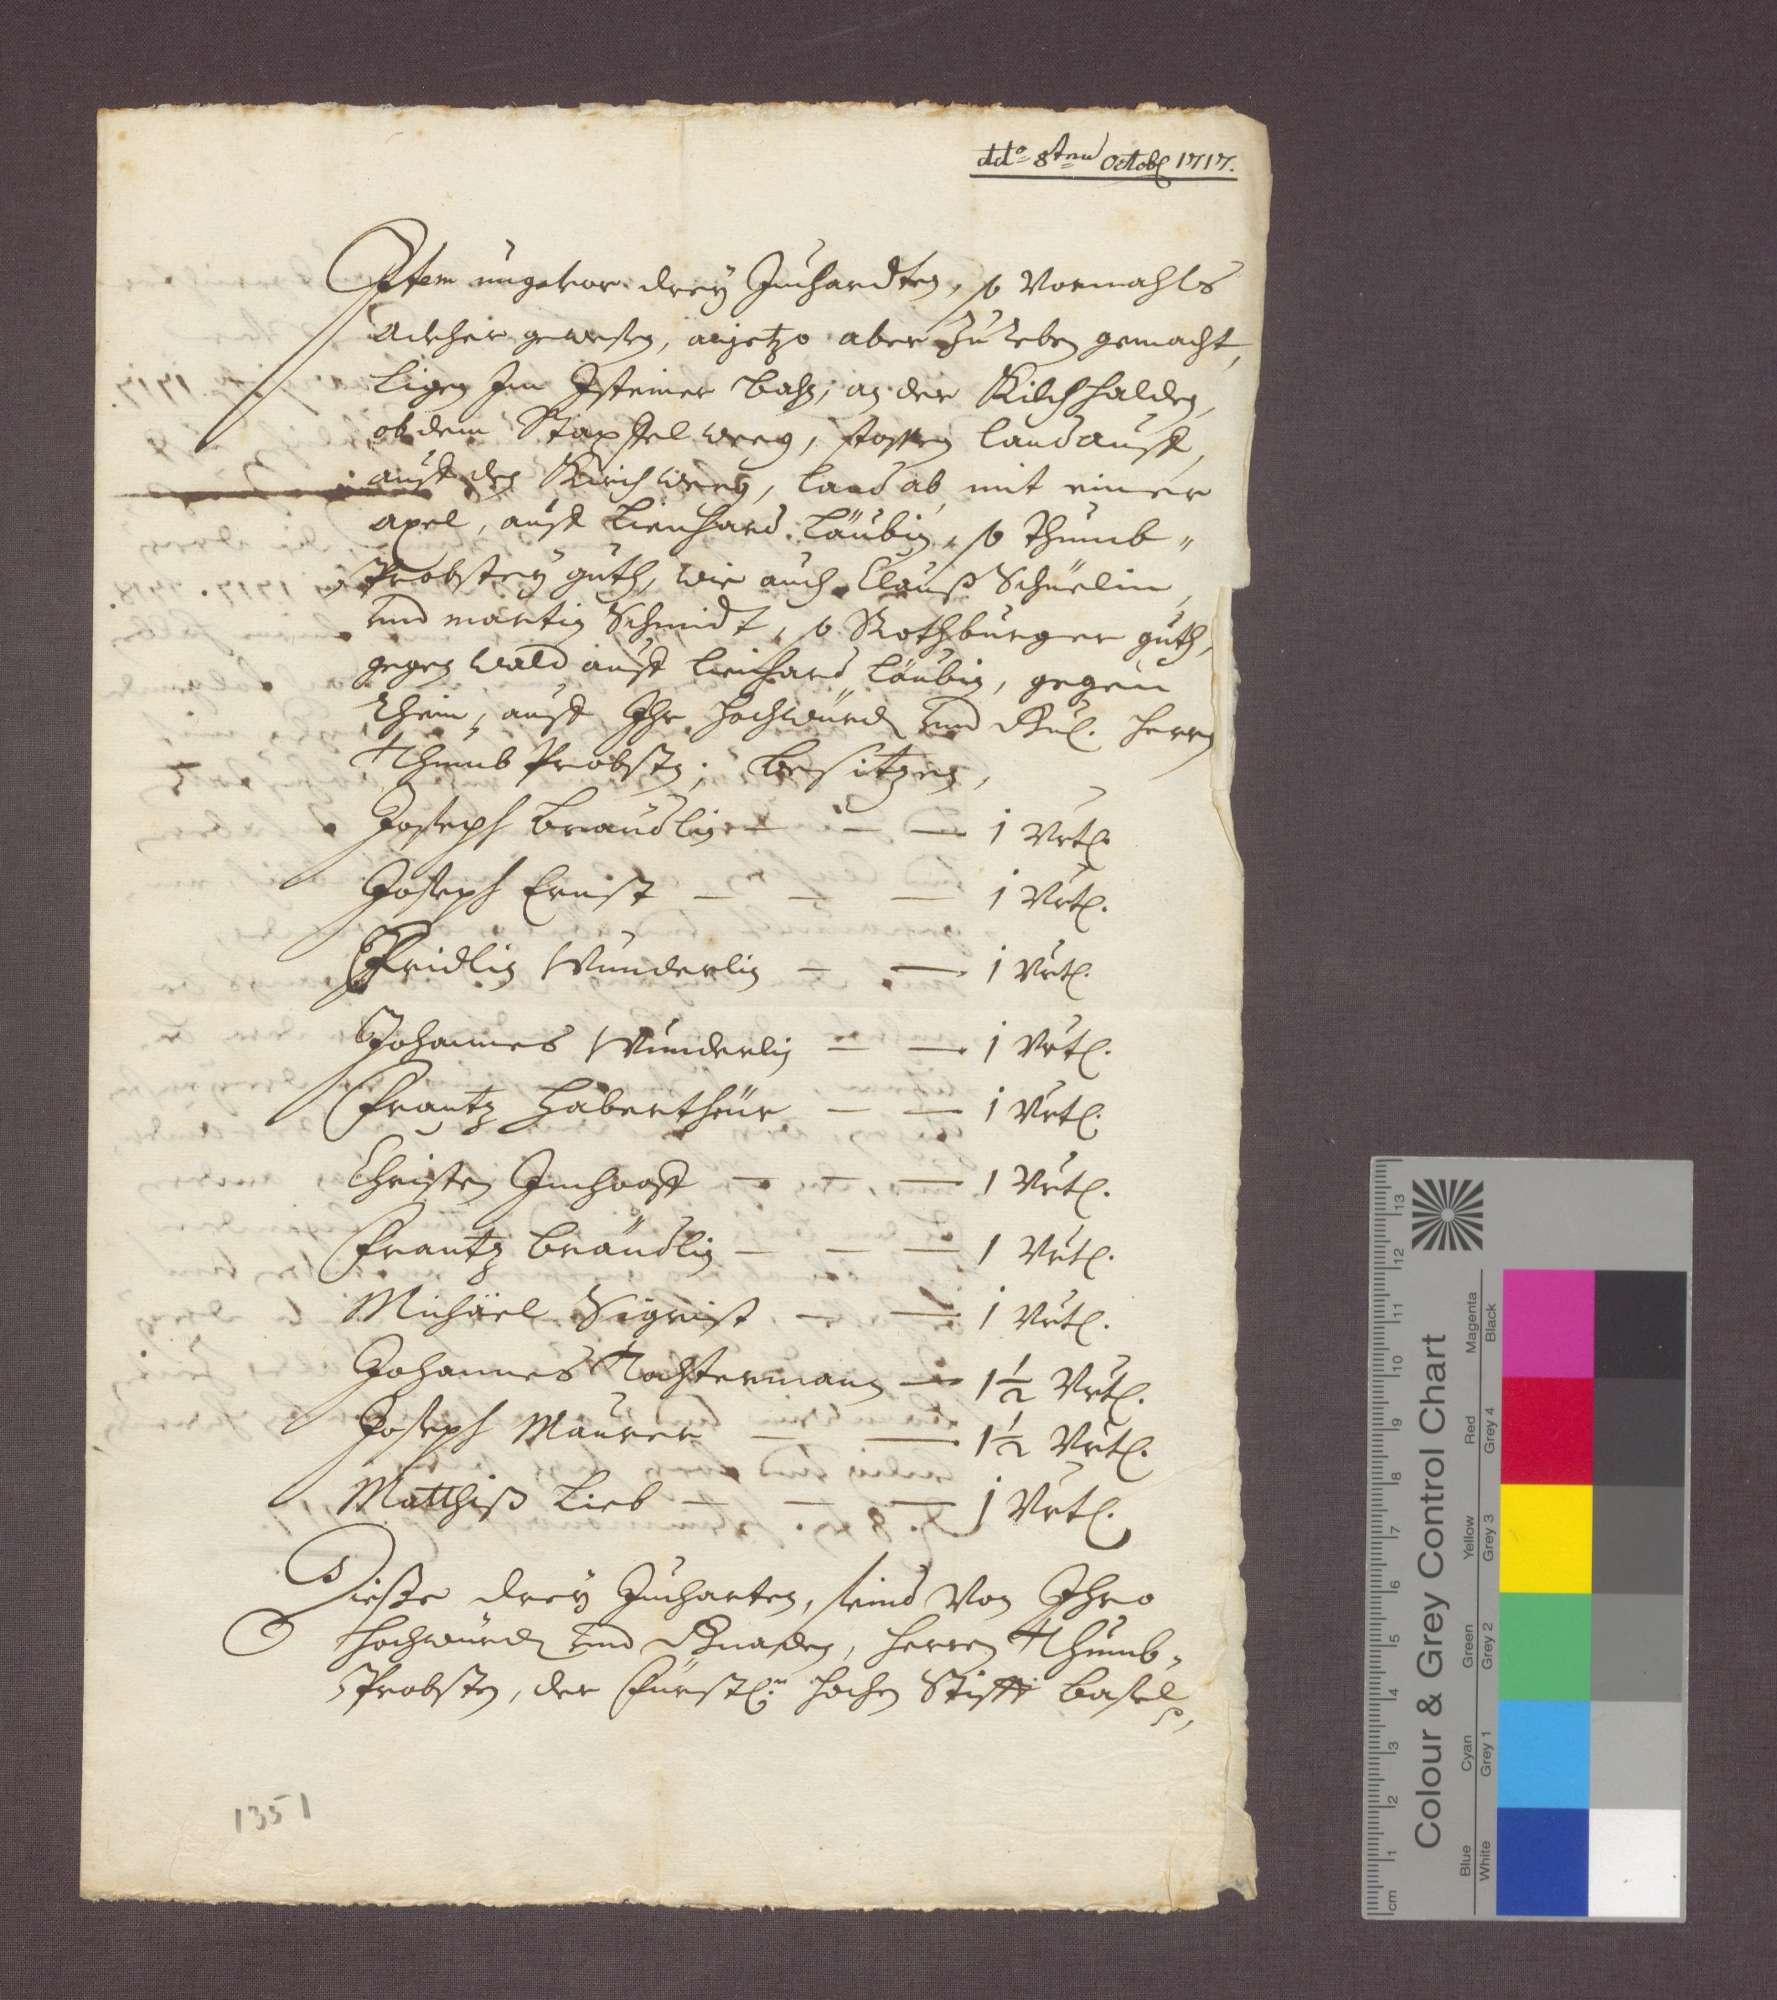 Auszug aus einem Isteiner Berain, betreffend 3 Juchert Acker., Bild 2